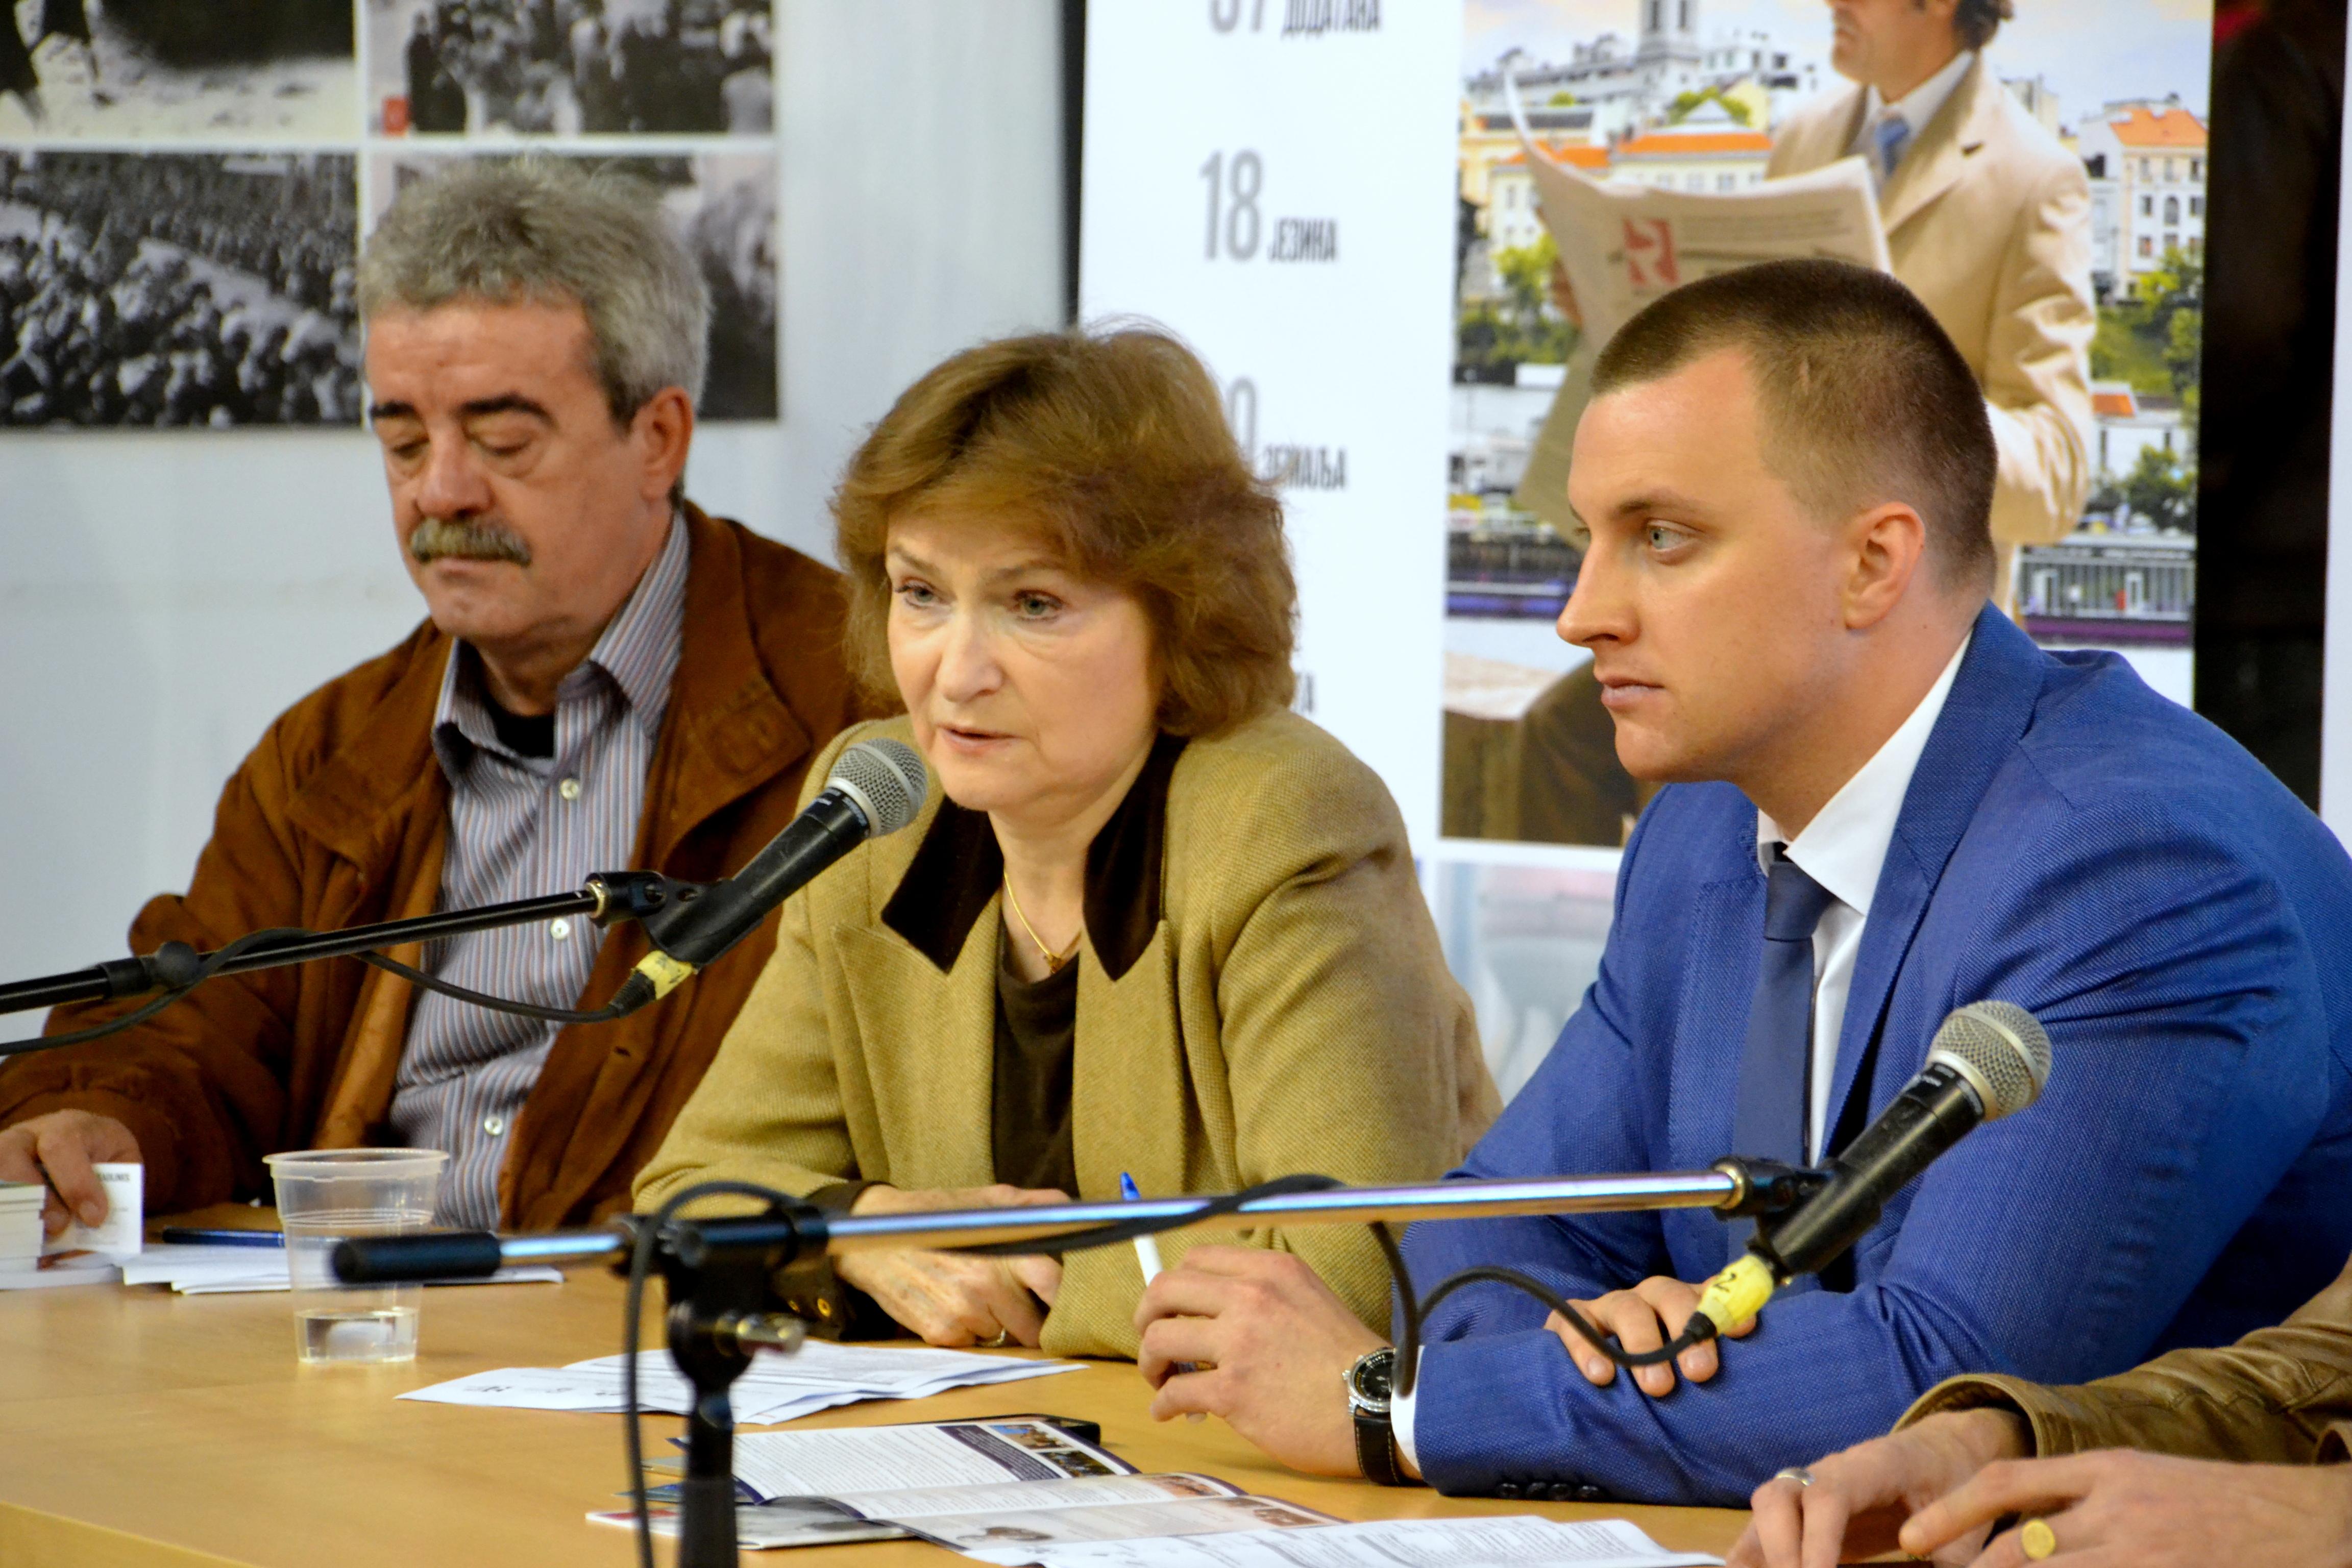 Наталија Нарочницка на 60. сајму књига у Београду.